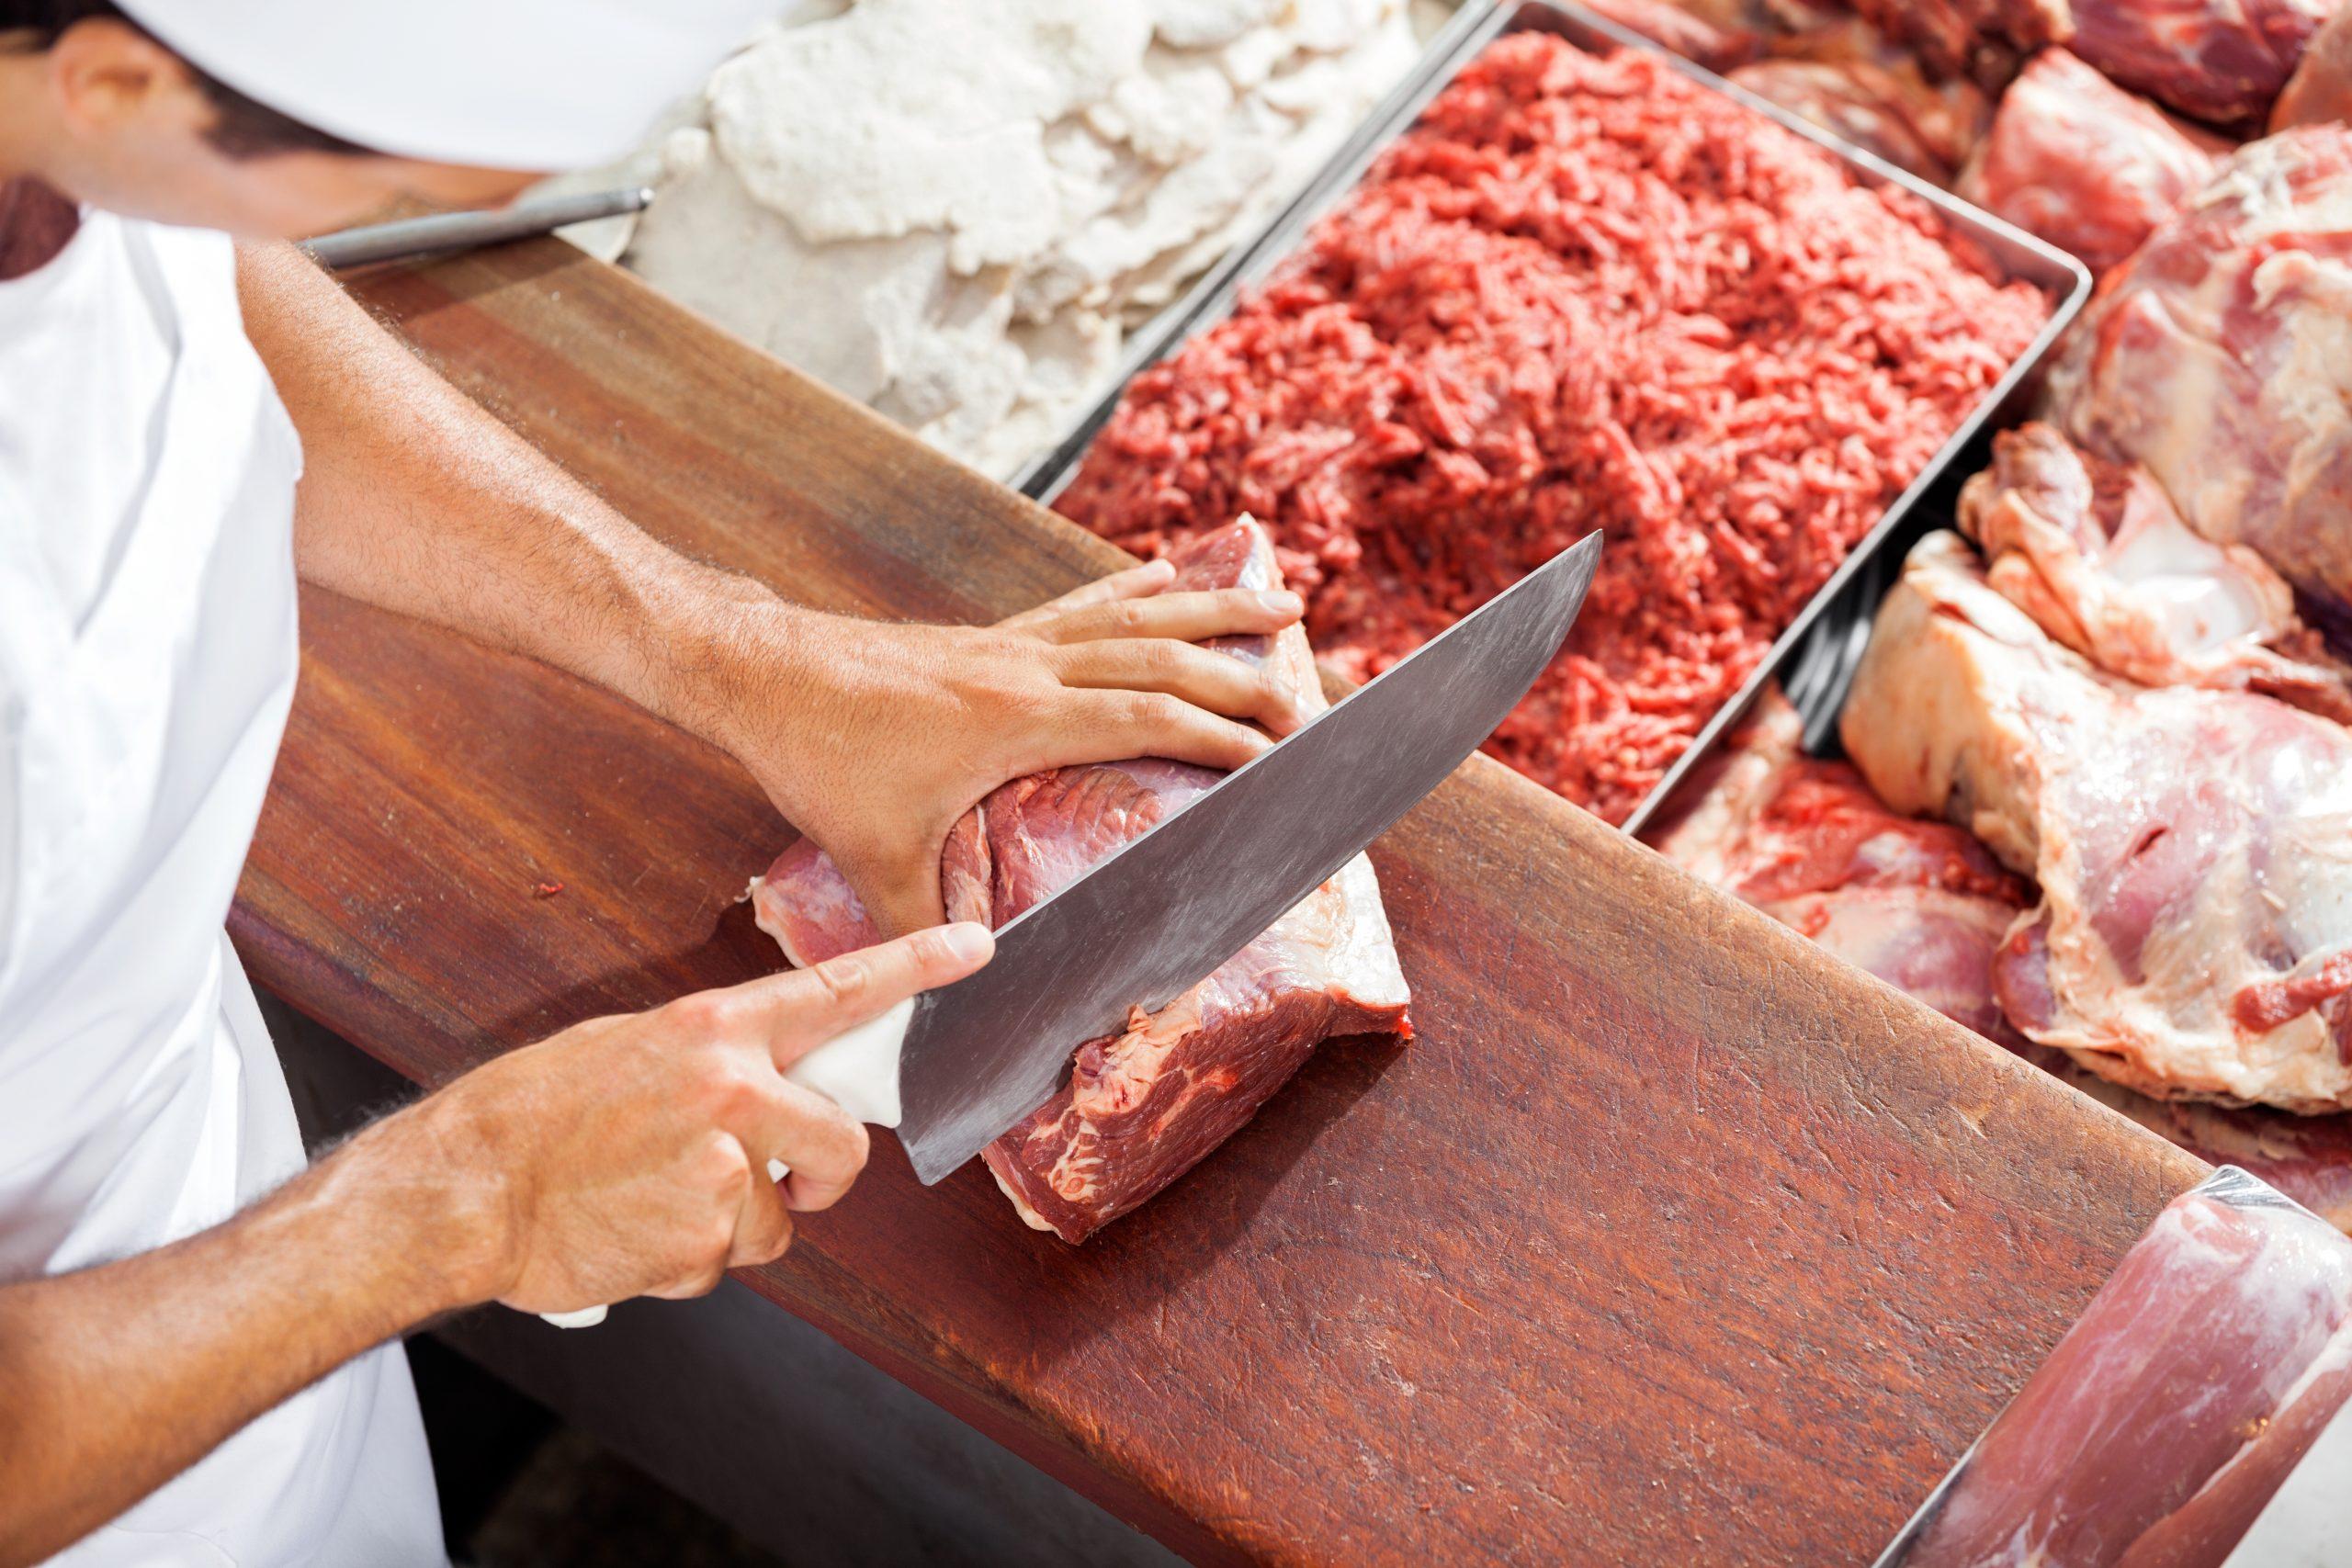 Ein Metzger schneidet Fleisch auf einer Theke.